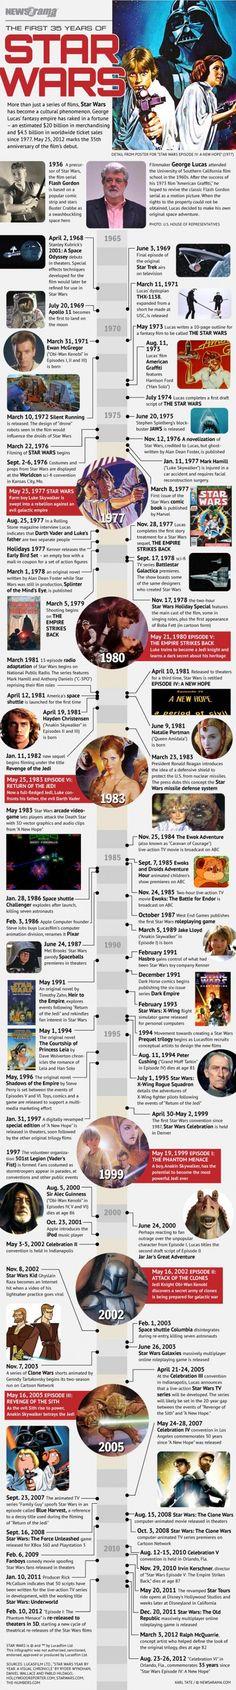 Timeline de los 35 años de Star Wars #infografia via @visually